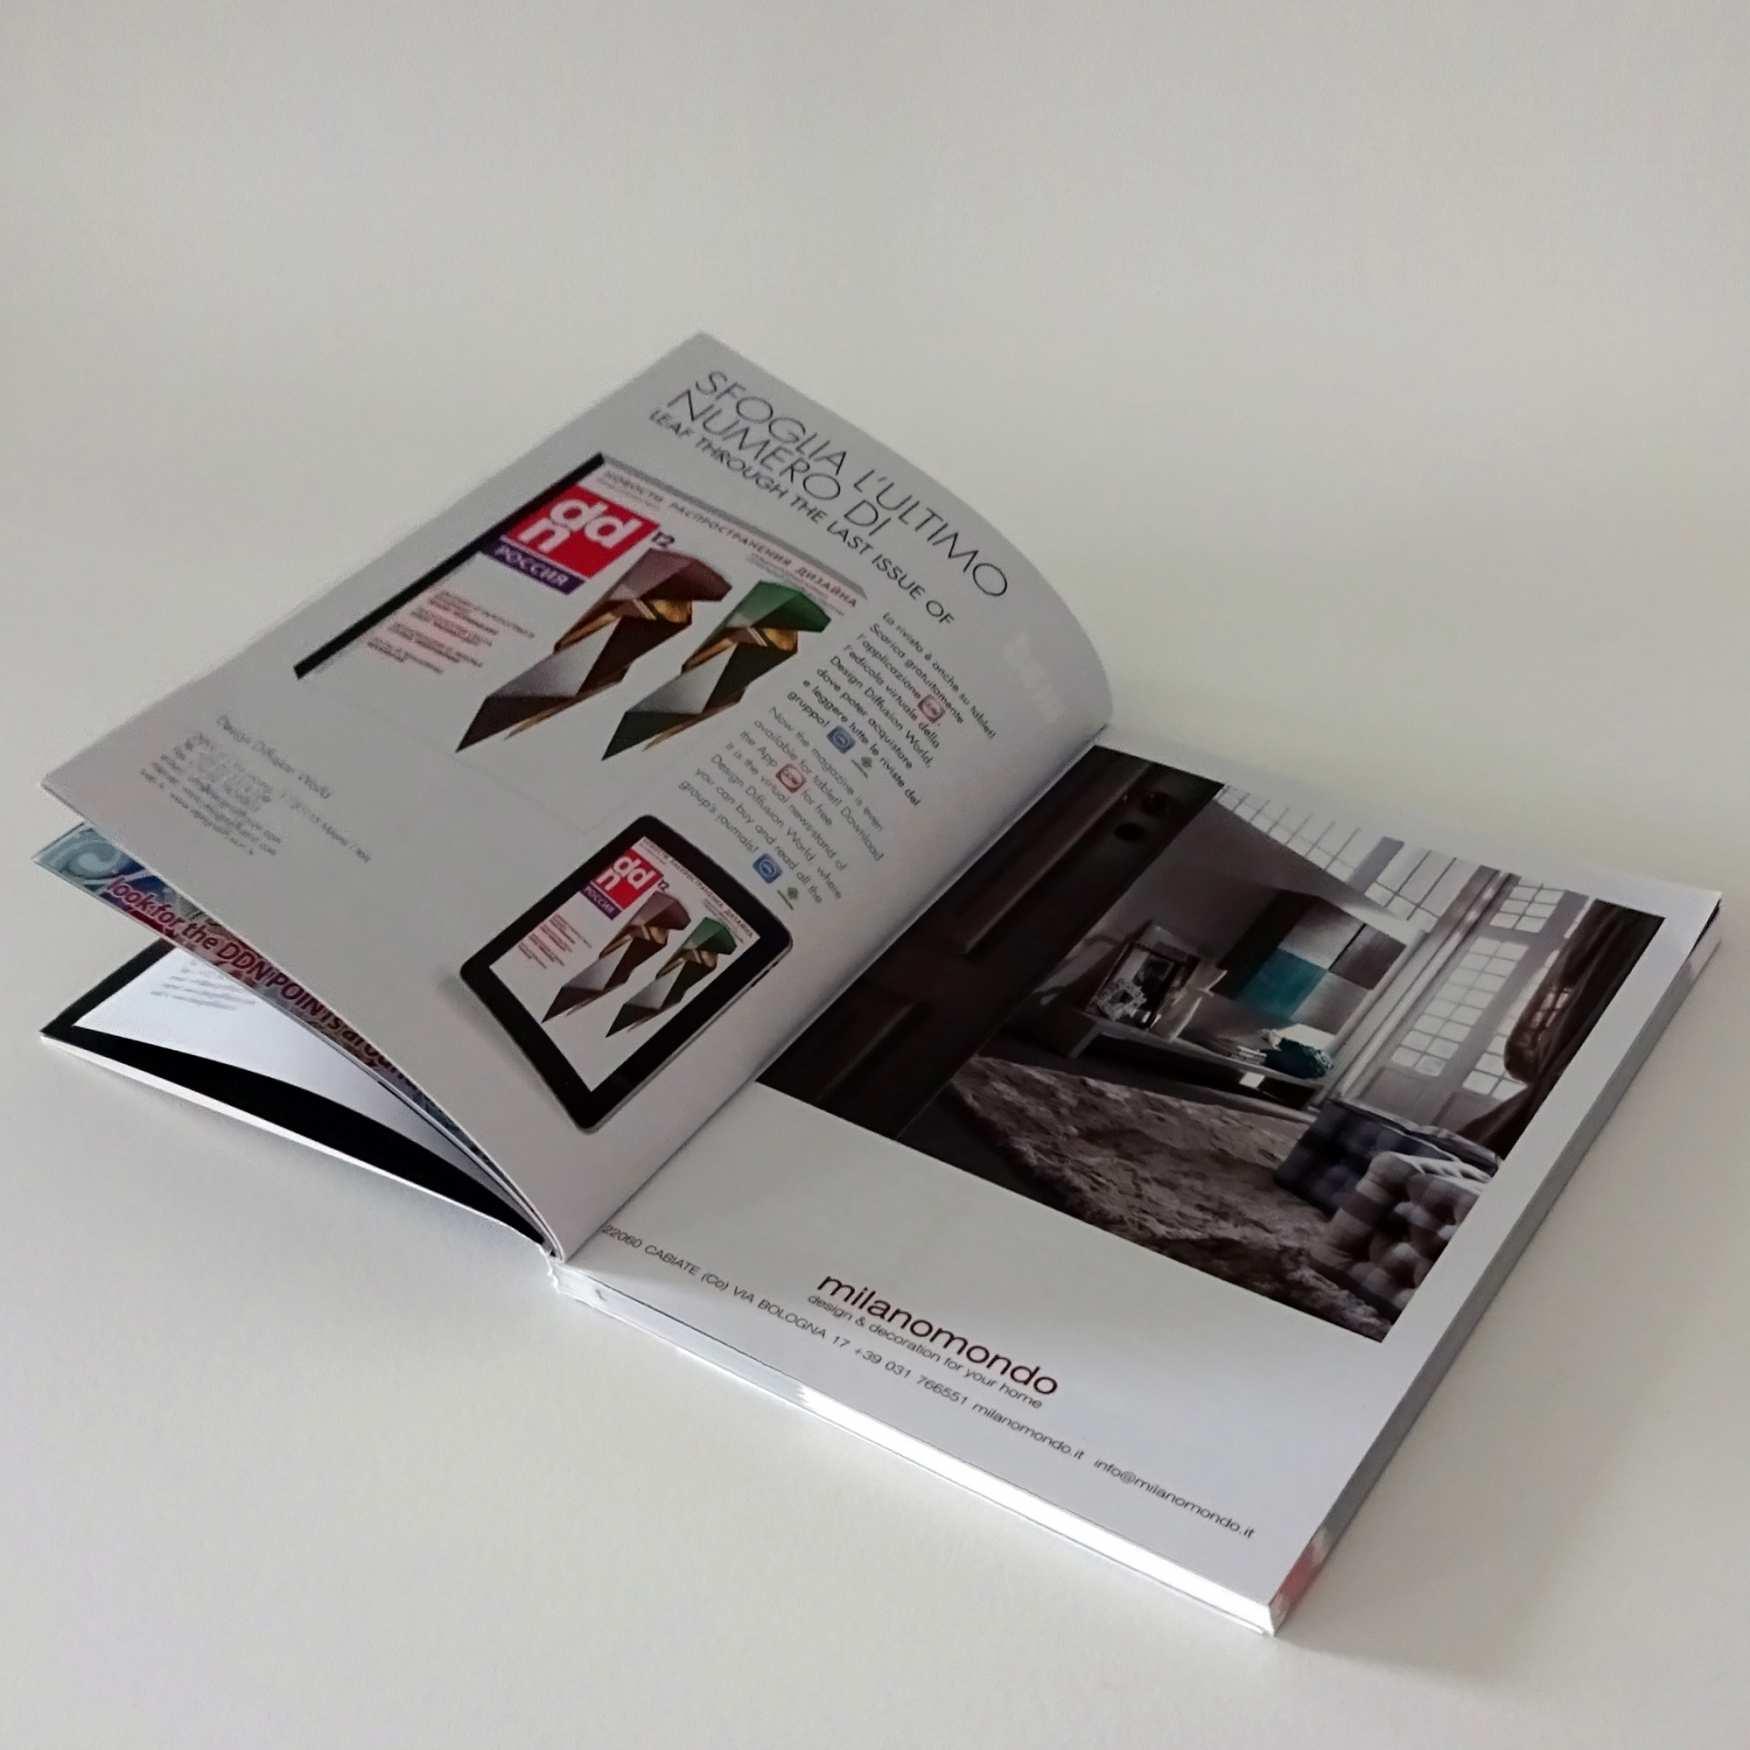 Ddn guide 04 2012 milanomondo for Vergani arredamenti